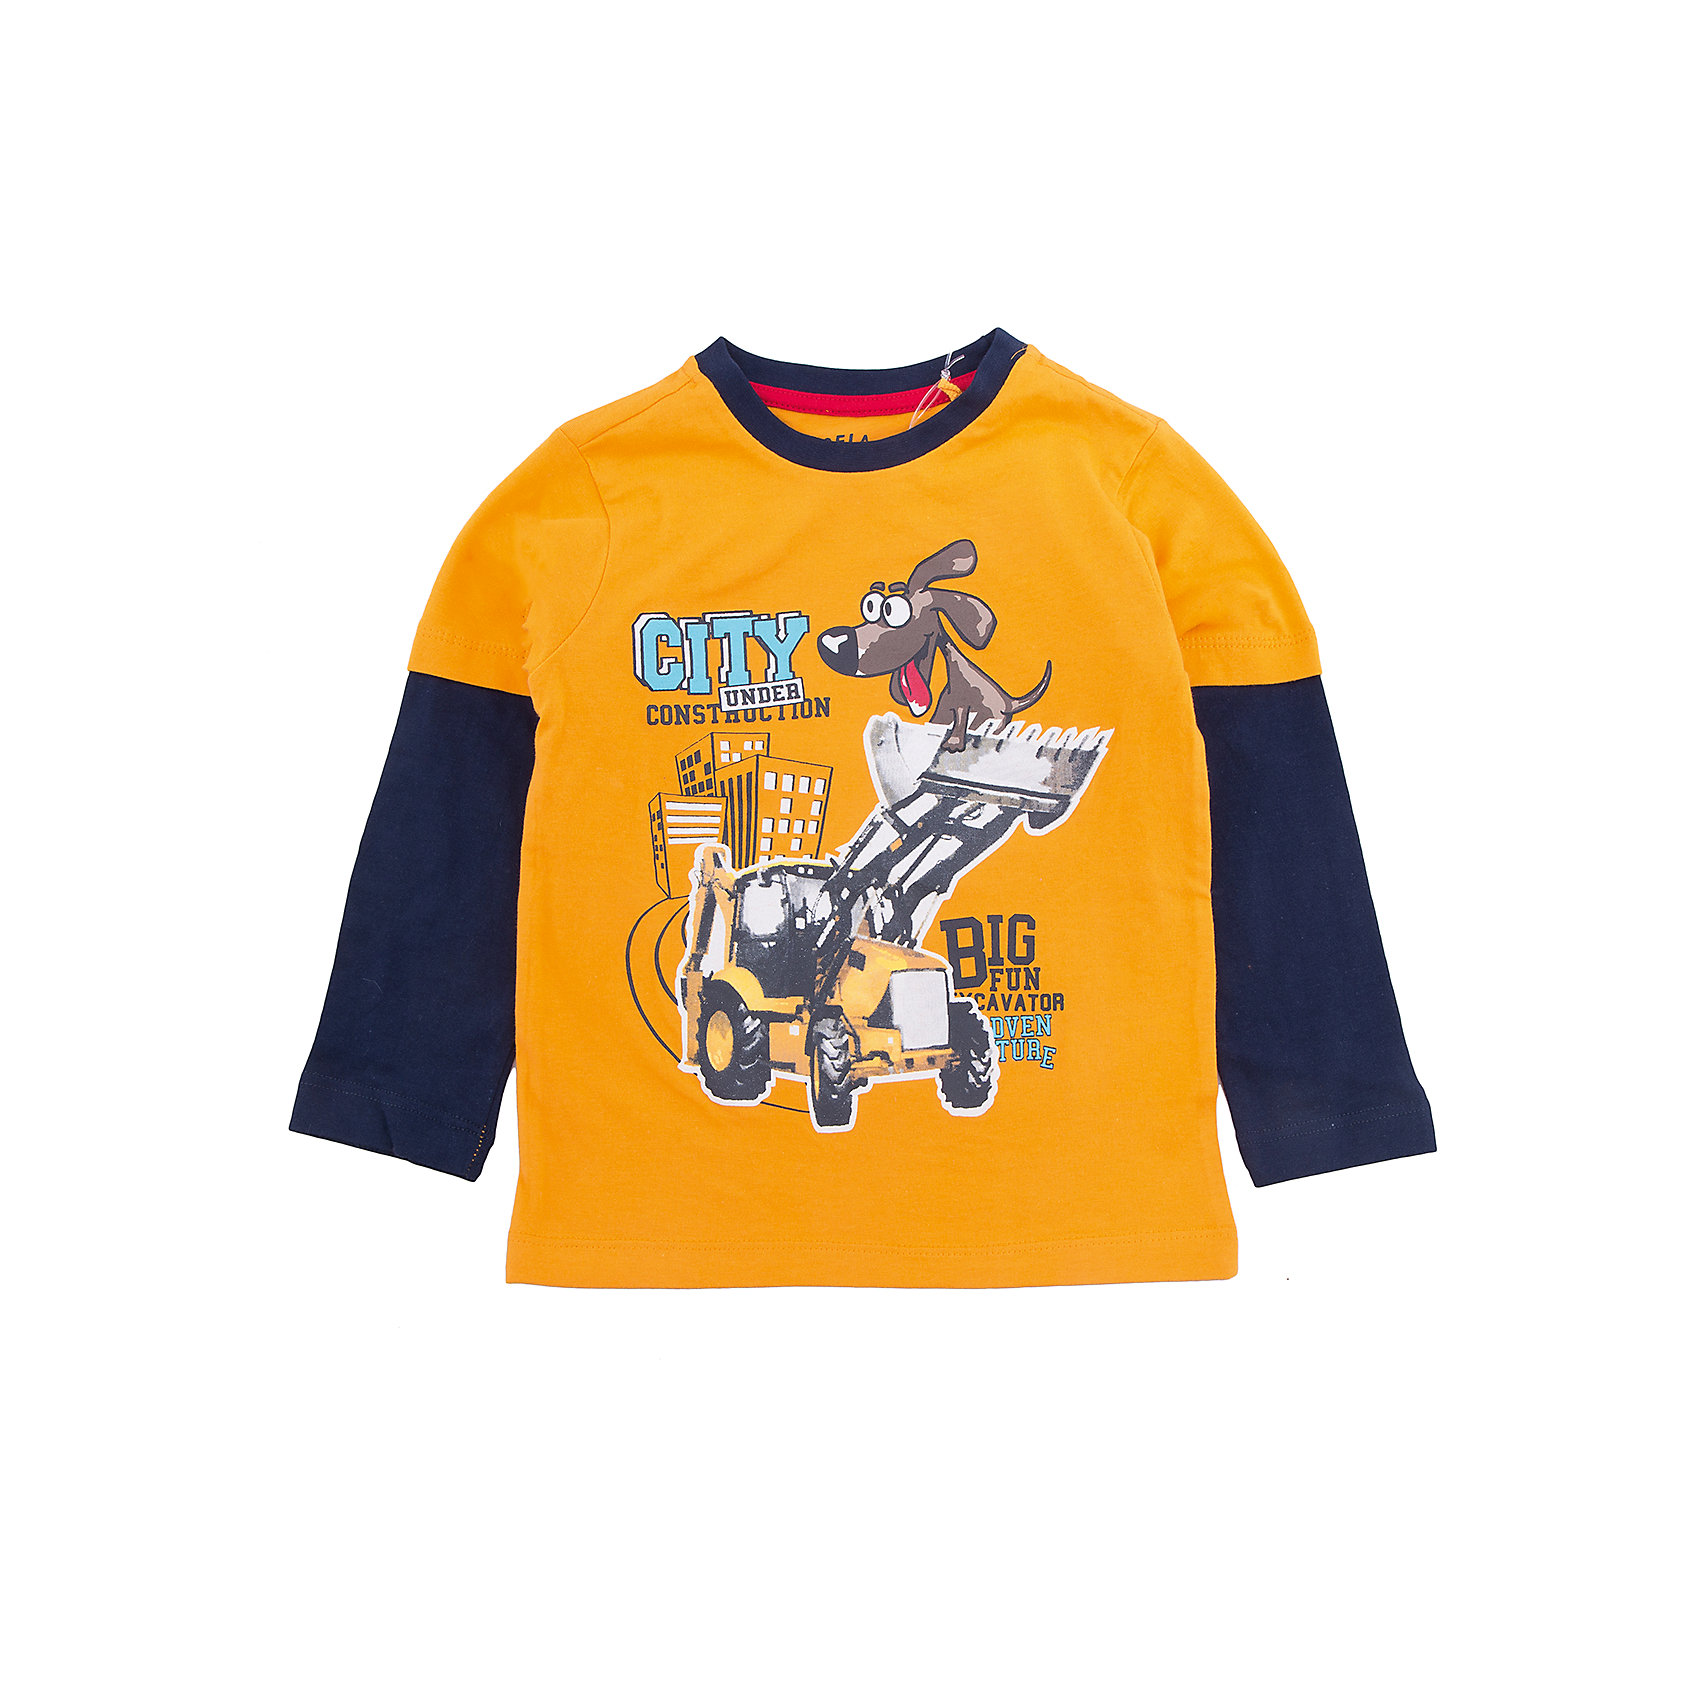 Футболка с длинным рукавом для мальчика SELAФутболки с длинным рукавом<br>Характеристики товара:<br><br>• цвет: оранжевый/синий<br>• состав: 100% хлопок<br>• декорирована принтом<br>• длинные рукава<br>• округлый горловой вырез<br>• коллекция весна-лето 2017<br>• страна бренда: Российская Федерация<br><br>В новой коллекции SELA отличные модели одежды! Эта футболка с длинным рукавом для мальчика поможет разнообразить гардероб ребенка и обеспечить комфорт. Она отлично сочетается с джинсами и брюками. Стильная и удобная вещь!<br><br>Одежда, обувь и аксессуары от российского бренда SELA не зря пользуются большой популярностью у детей и взрослых! Модели этой марки - стильные и удобные, цена при этом неизменно остается доступной. Для их производства используются только безопасные, качественные материалы и фурнитура. Новая коллекция поддерживает хорошие традиции бренда! <br><br>Футболку с длинным рукавом для мальчика от популярного бренда SELA (СЕЛА) можно купить в нашем интернет-магазине.<br><br>Ширина мм: 190<br>Глубина мм: 74<br>Высота мм: 229<br>Вес г: 236<br>Цвет: желтый<br>Возраст от месяцев: 36<br>Возраст до месяцев: 48<br>Пол: Мужской<br>Возраст: Детский<br>Размер: 104,116,110,98,92<br>SKU: 5306775